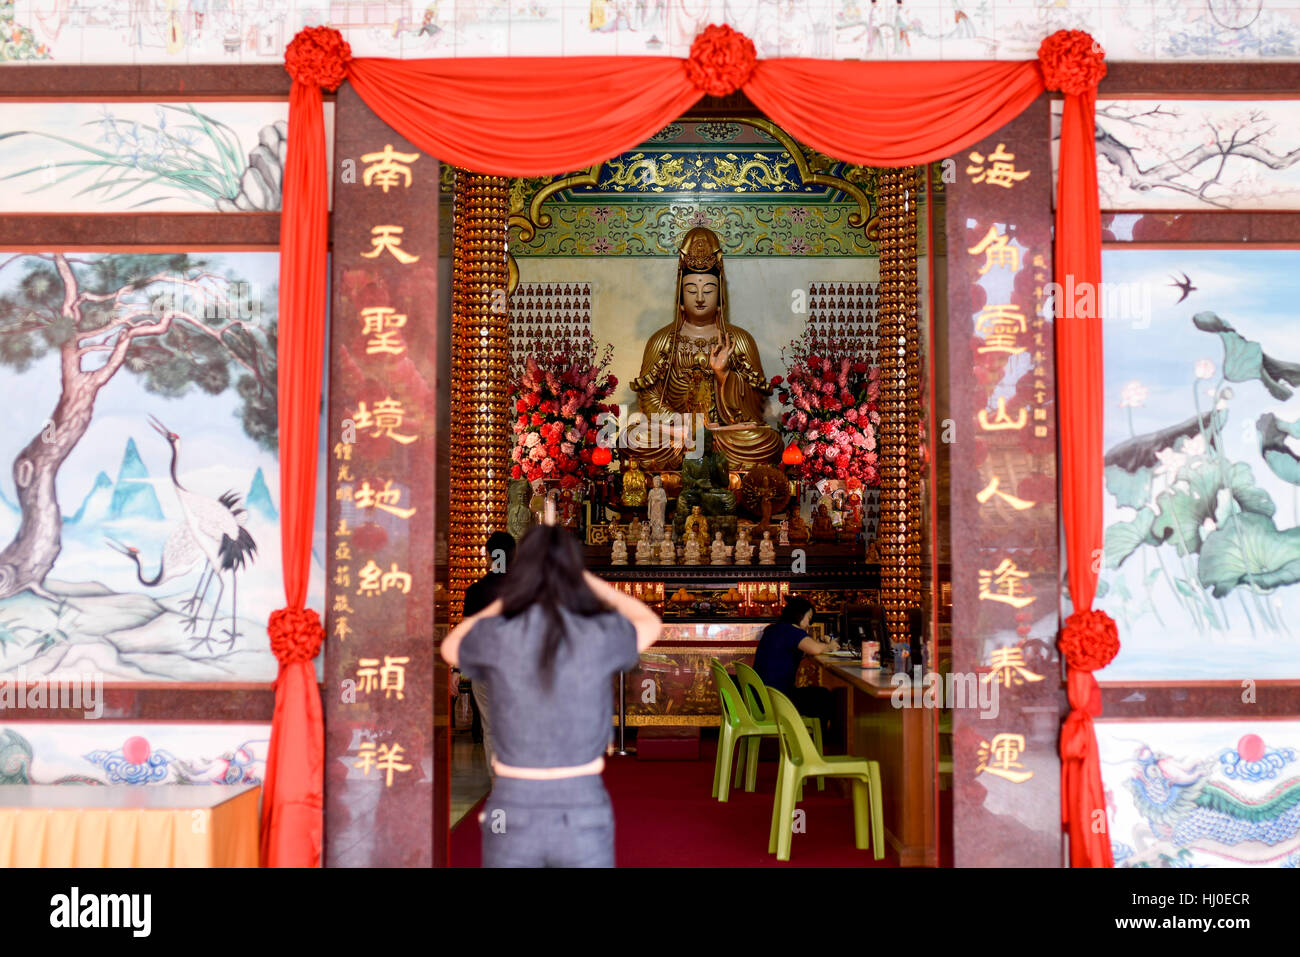 Kuala Lumpur, Malasia. 21 ene, 2017. Los devotos Malaysian-Chinese étnicos ofrecer oraciones y quemar joss Imagen De Stock